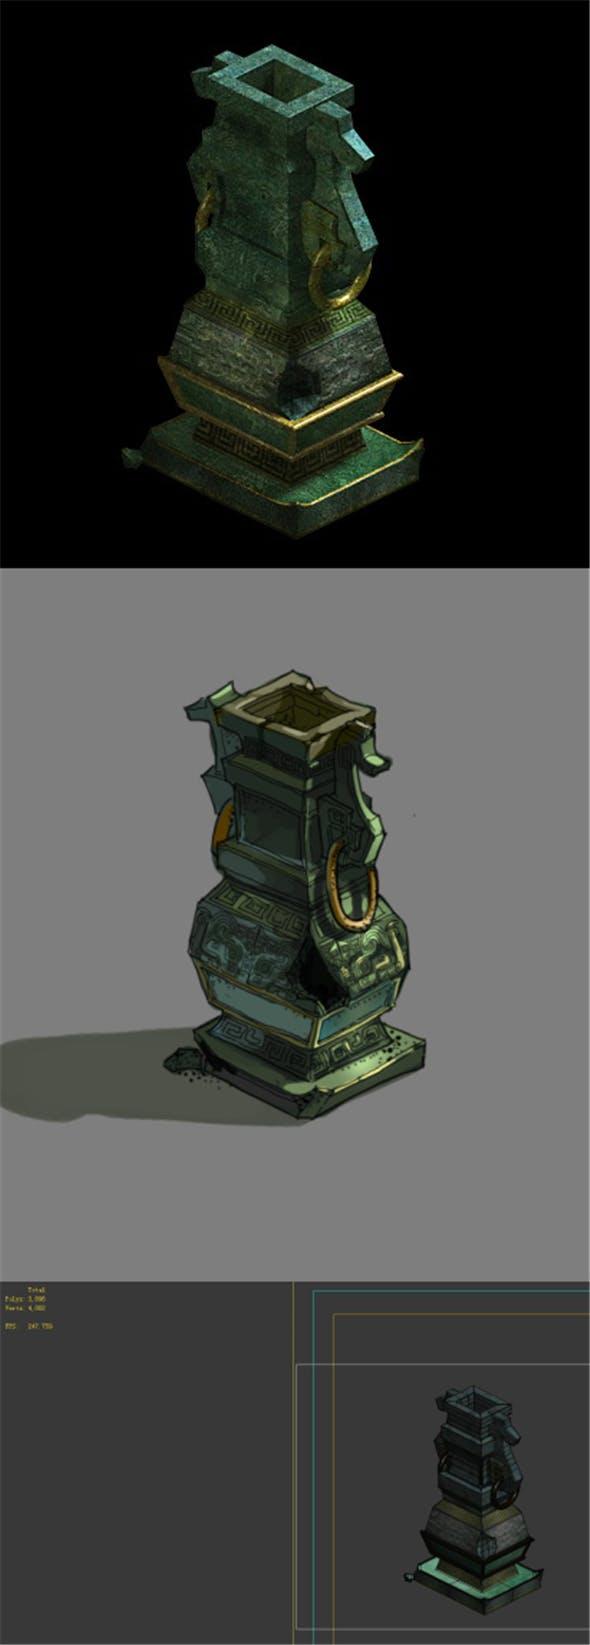 Game Model - Broken Bronze Device 3 - 3DOcean Item for Sale